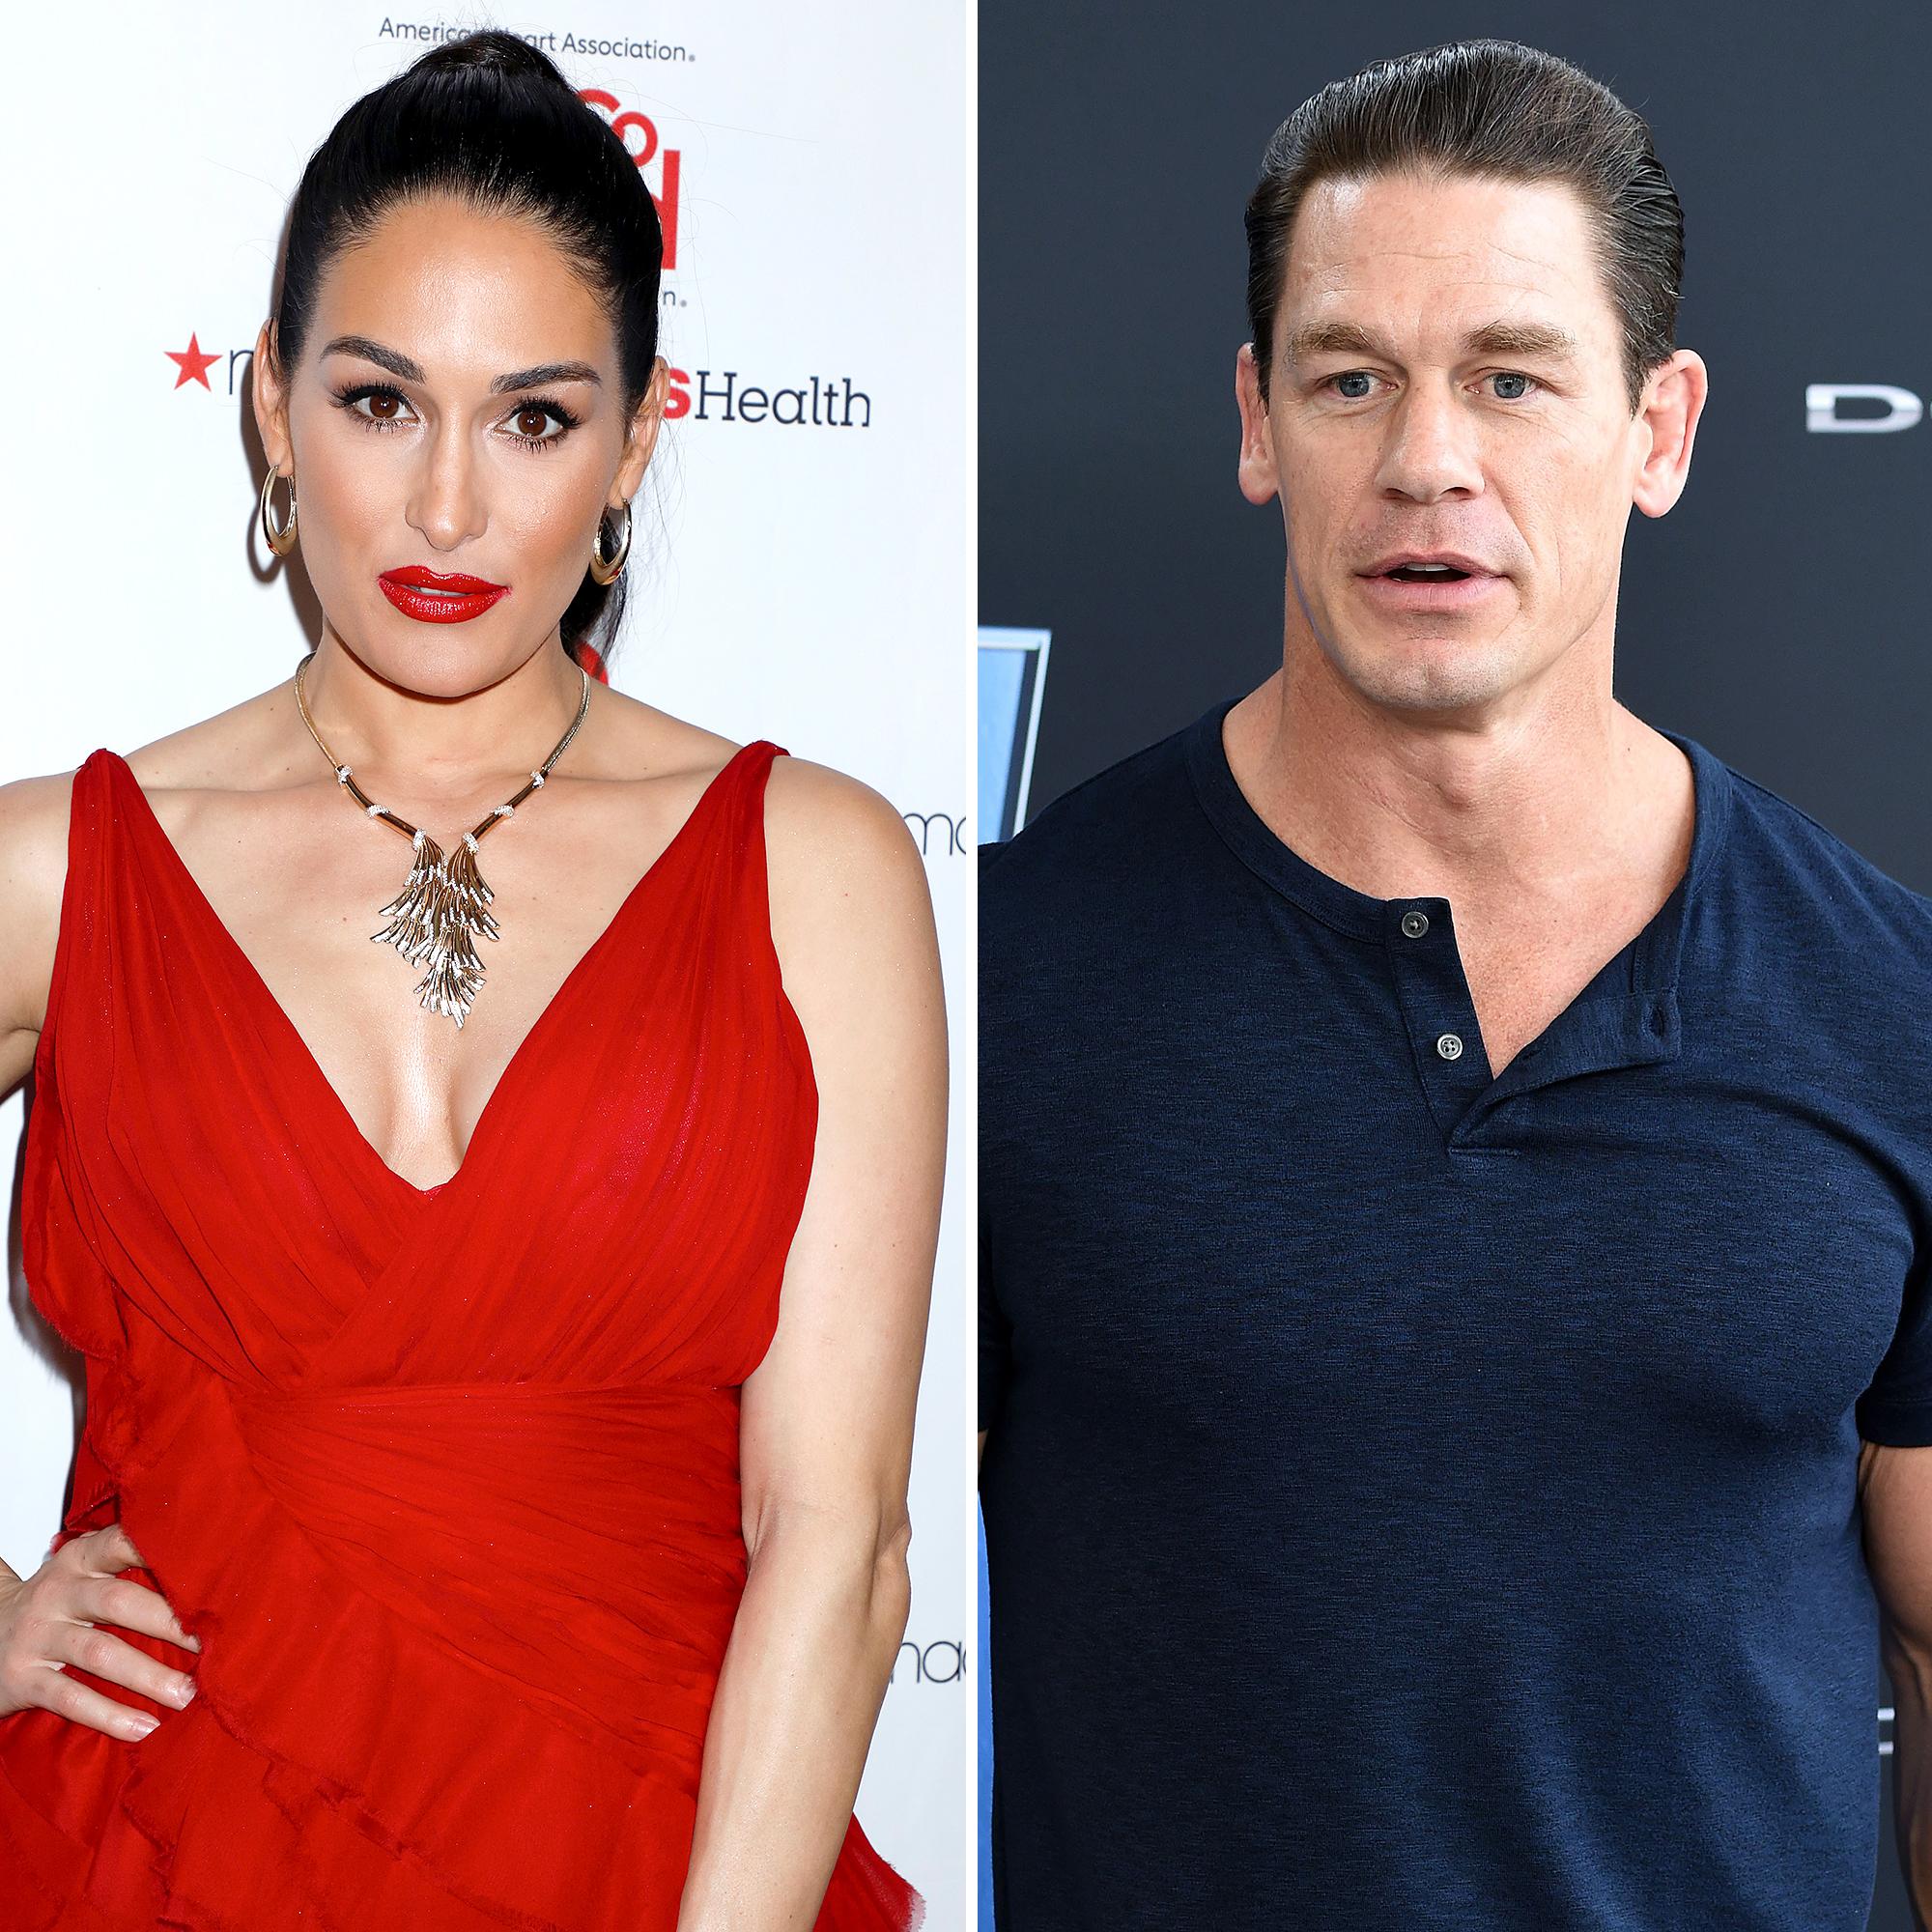 Nikki-Bella-Shuts-Down-Rumors-That-She-Dissed-Ex-Fiance-John-Cena